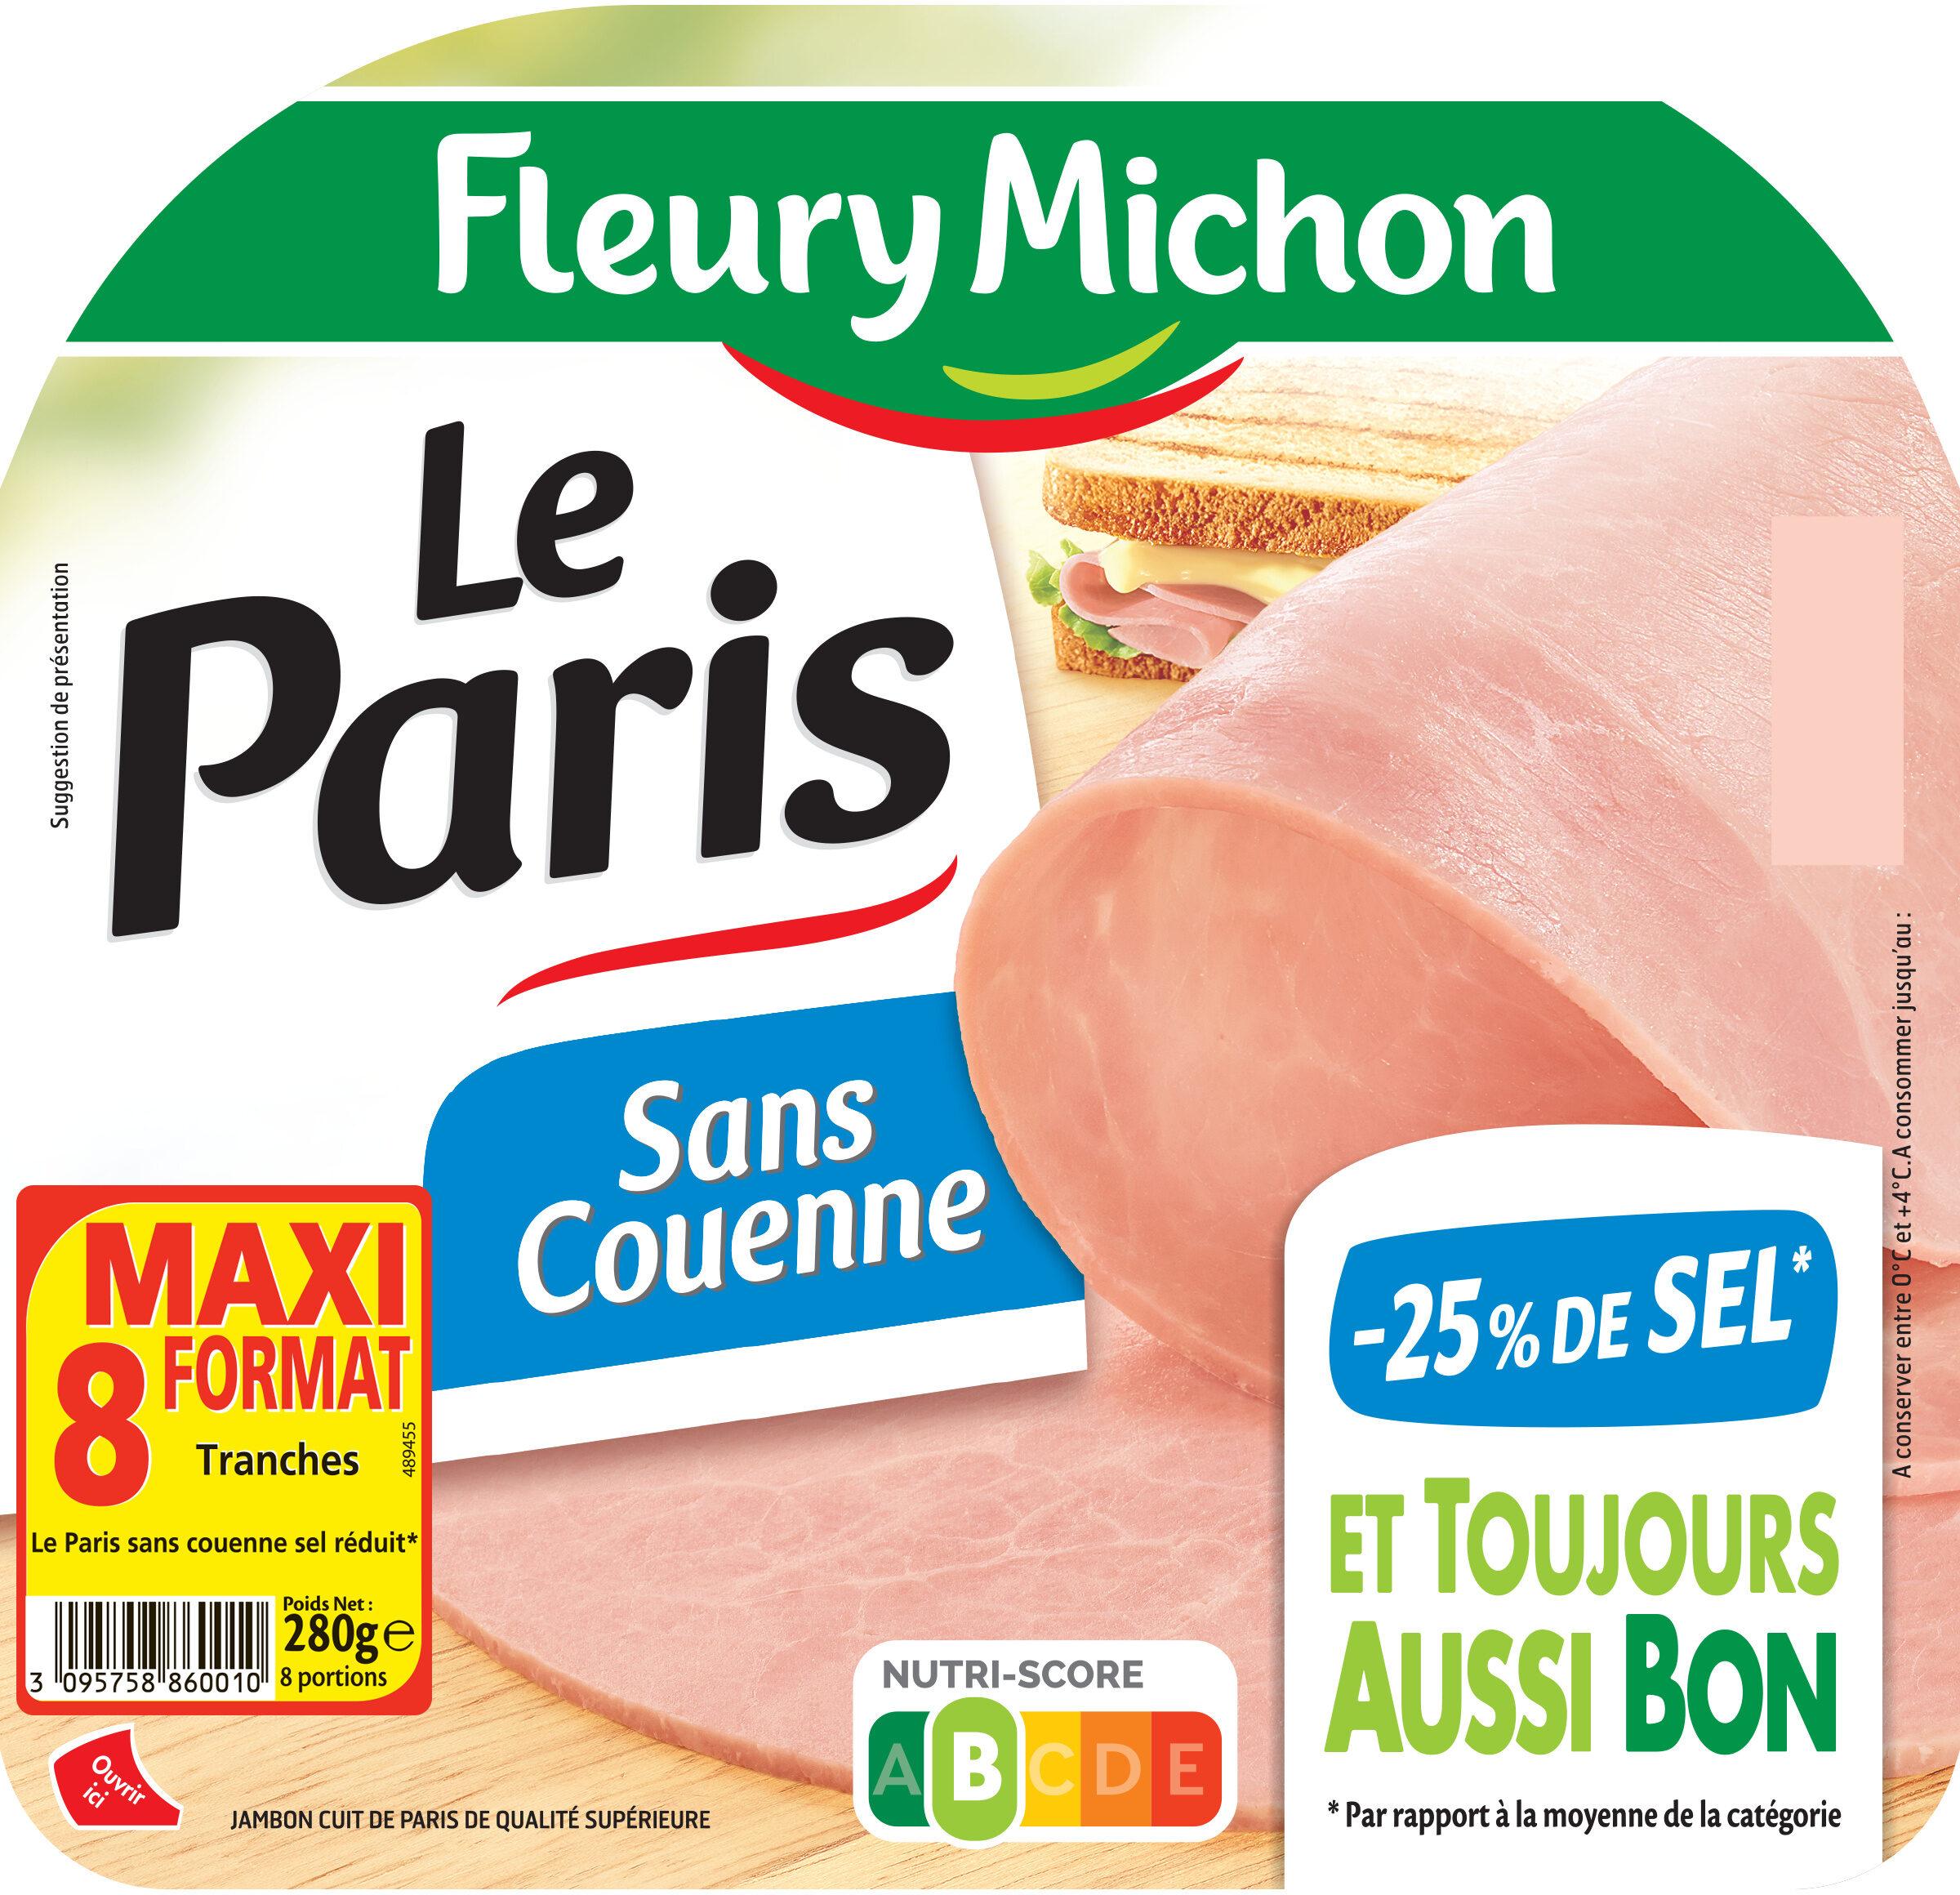 Le Paris sans couenne  - 25% de Sel* - 8 tr. - Product - fr